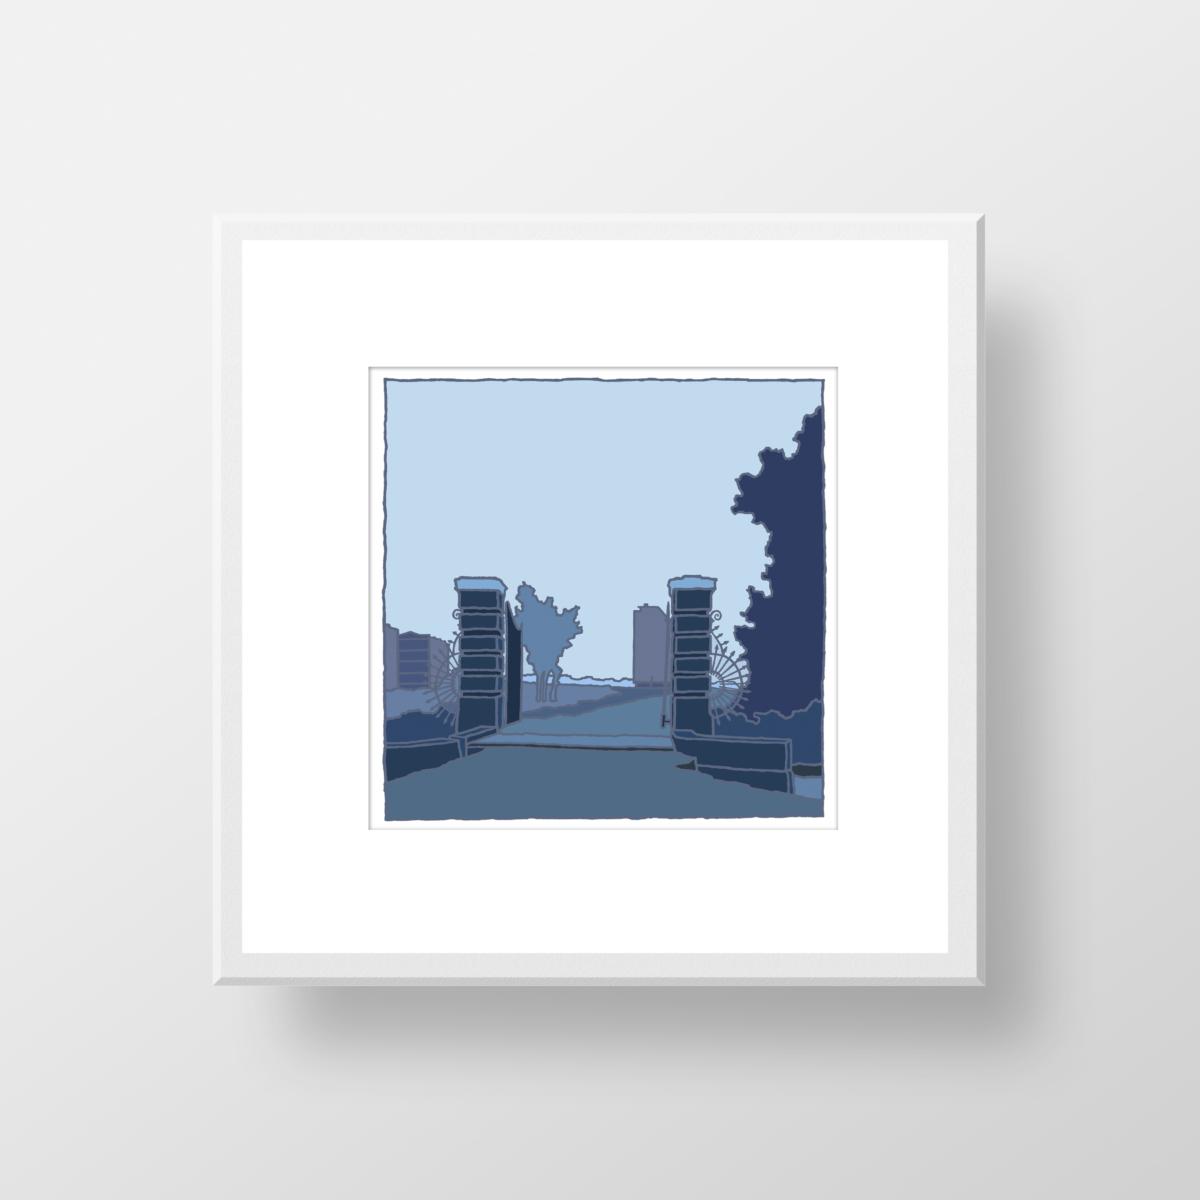 Spieringshoek Schiedam in de oude tijd, een fine art print in lijst van de kunstenaar Wim van Willegen.